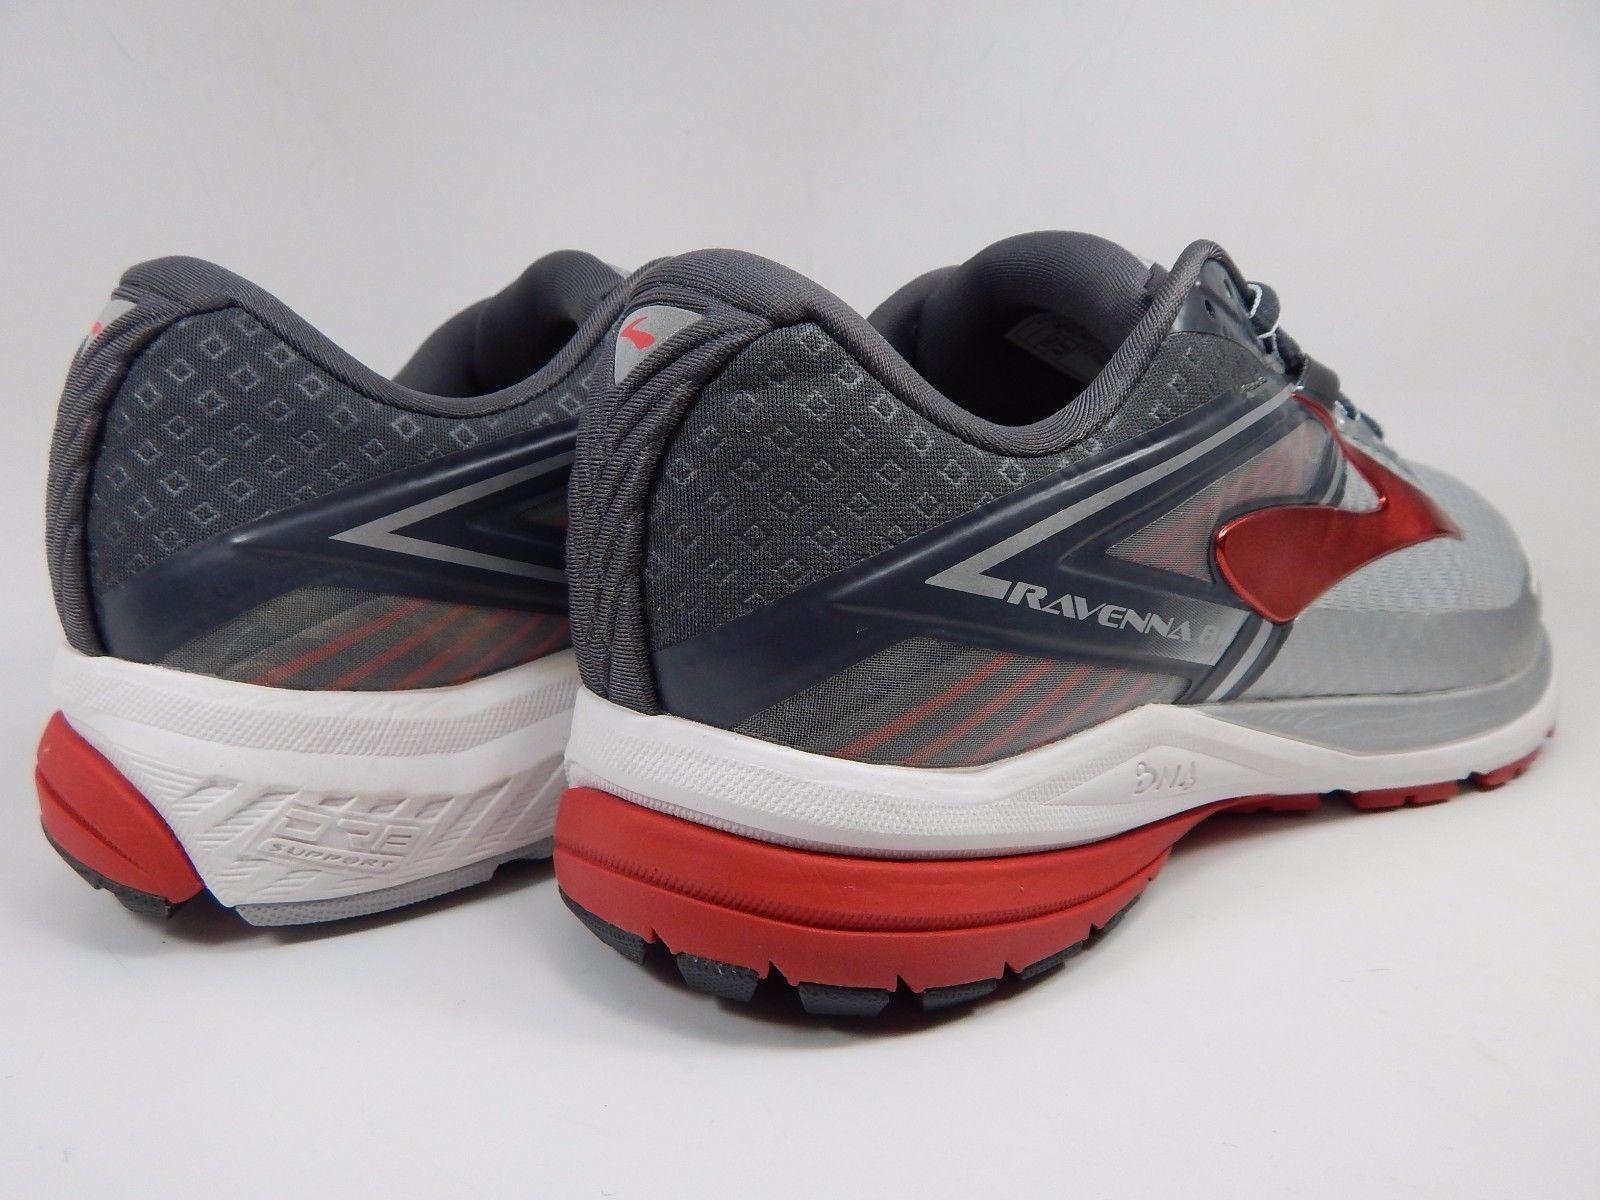 Brooks Ravenna 8 Men's Running Shoes Sz US 8.5 M (D) EU 4 Silver Red 1102481D067